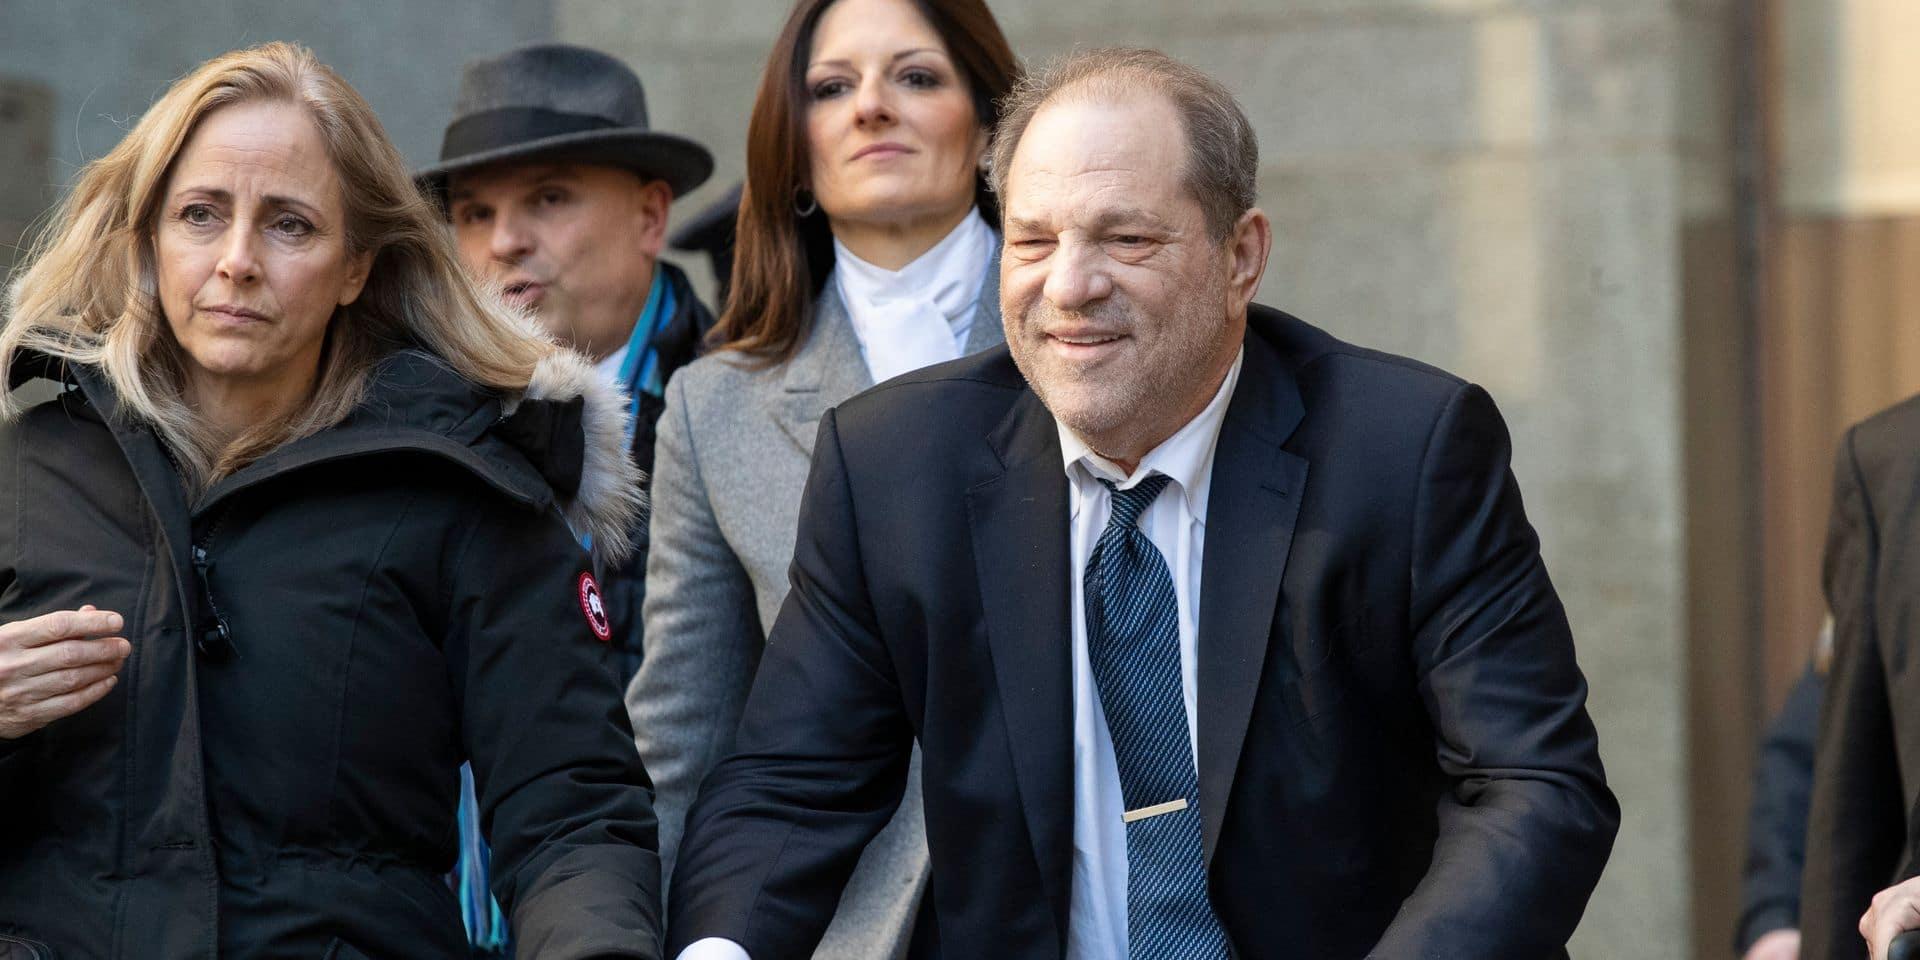 Affaire Weinstein: Le jury encore divisé, le juge les renvoie délibérer